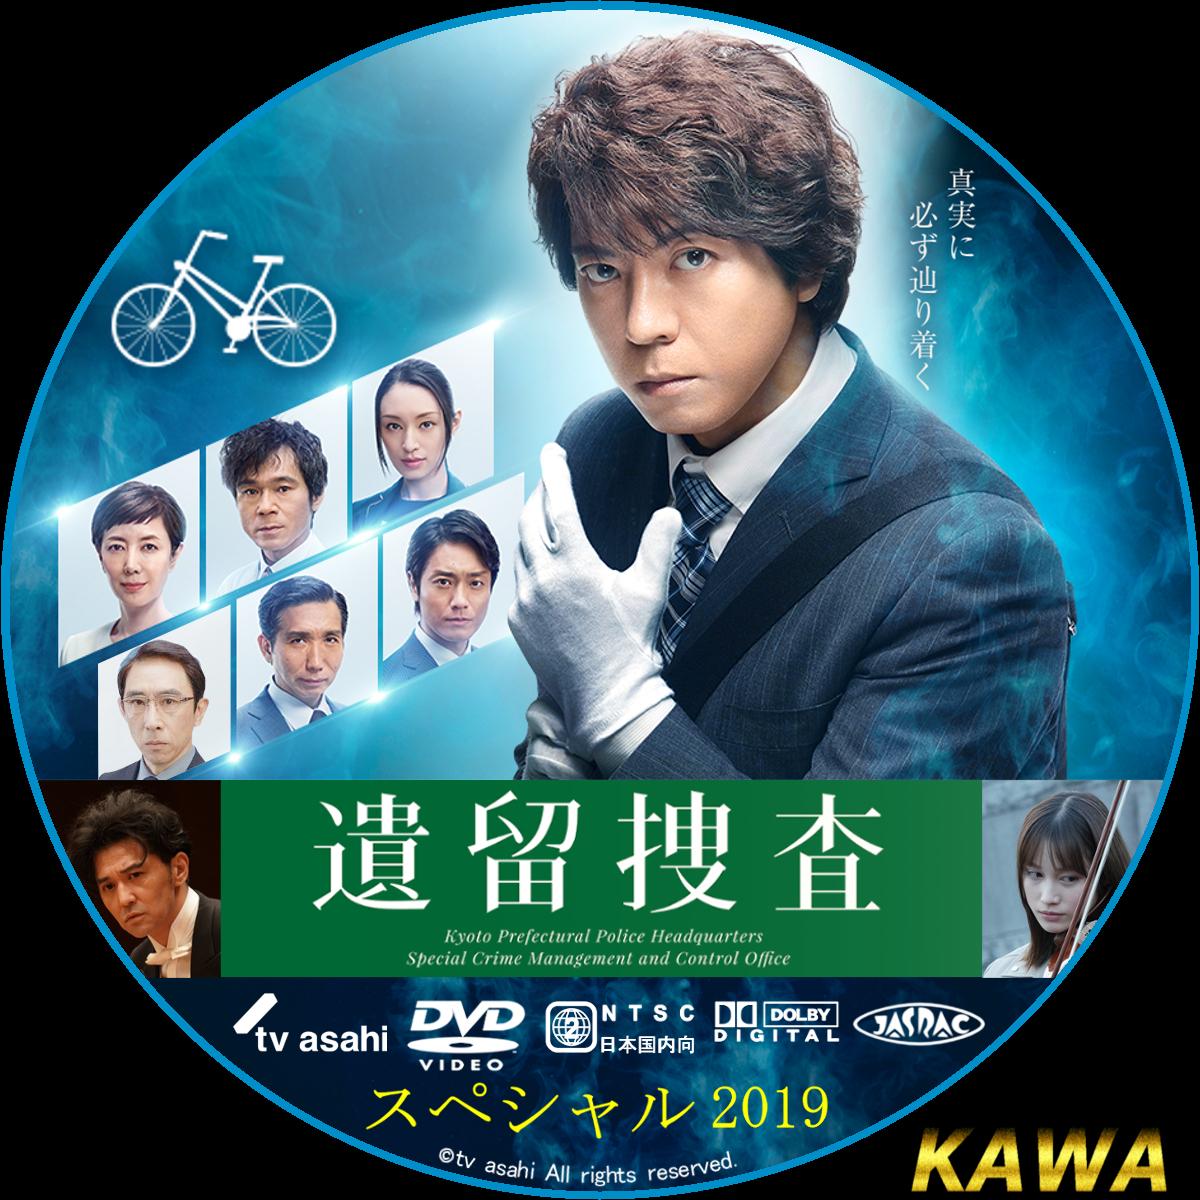 遺留捜査スペシャル2019 - かわらべ2